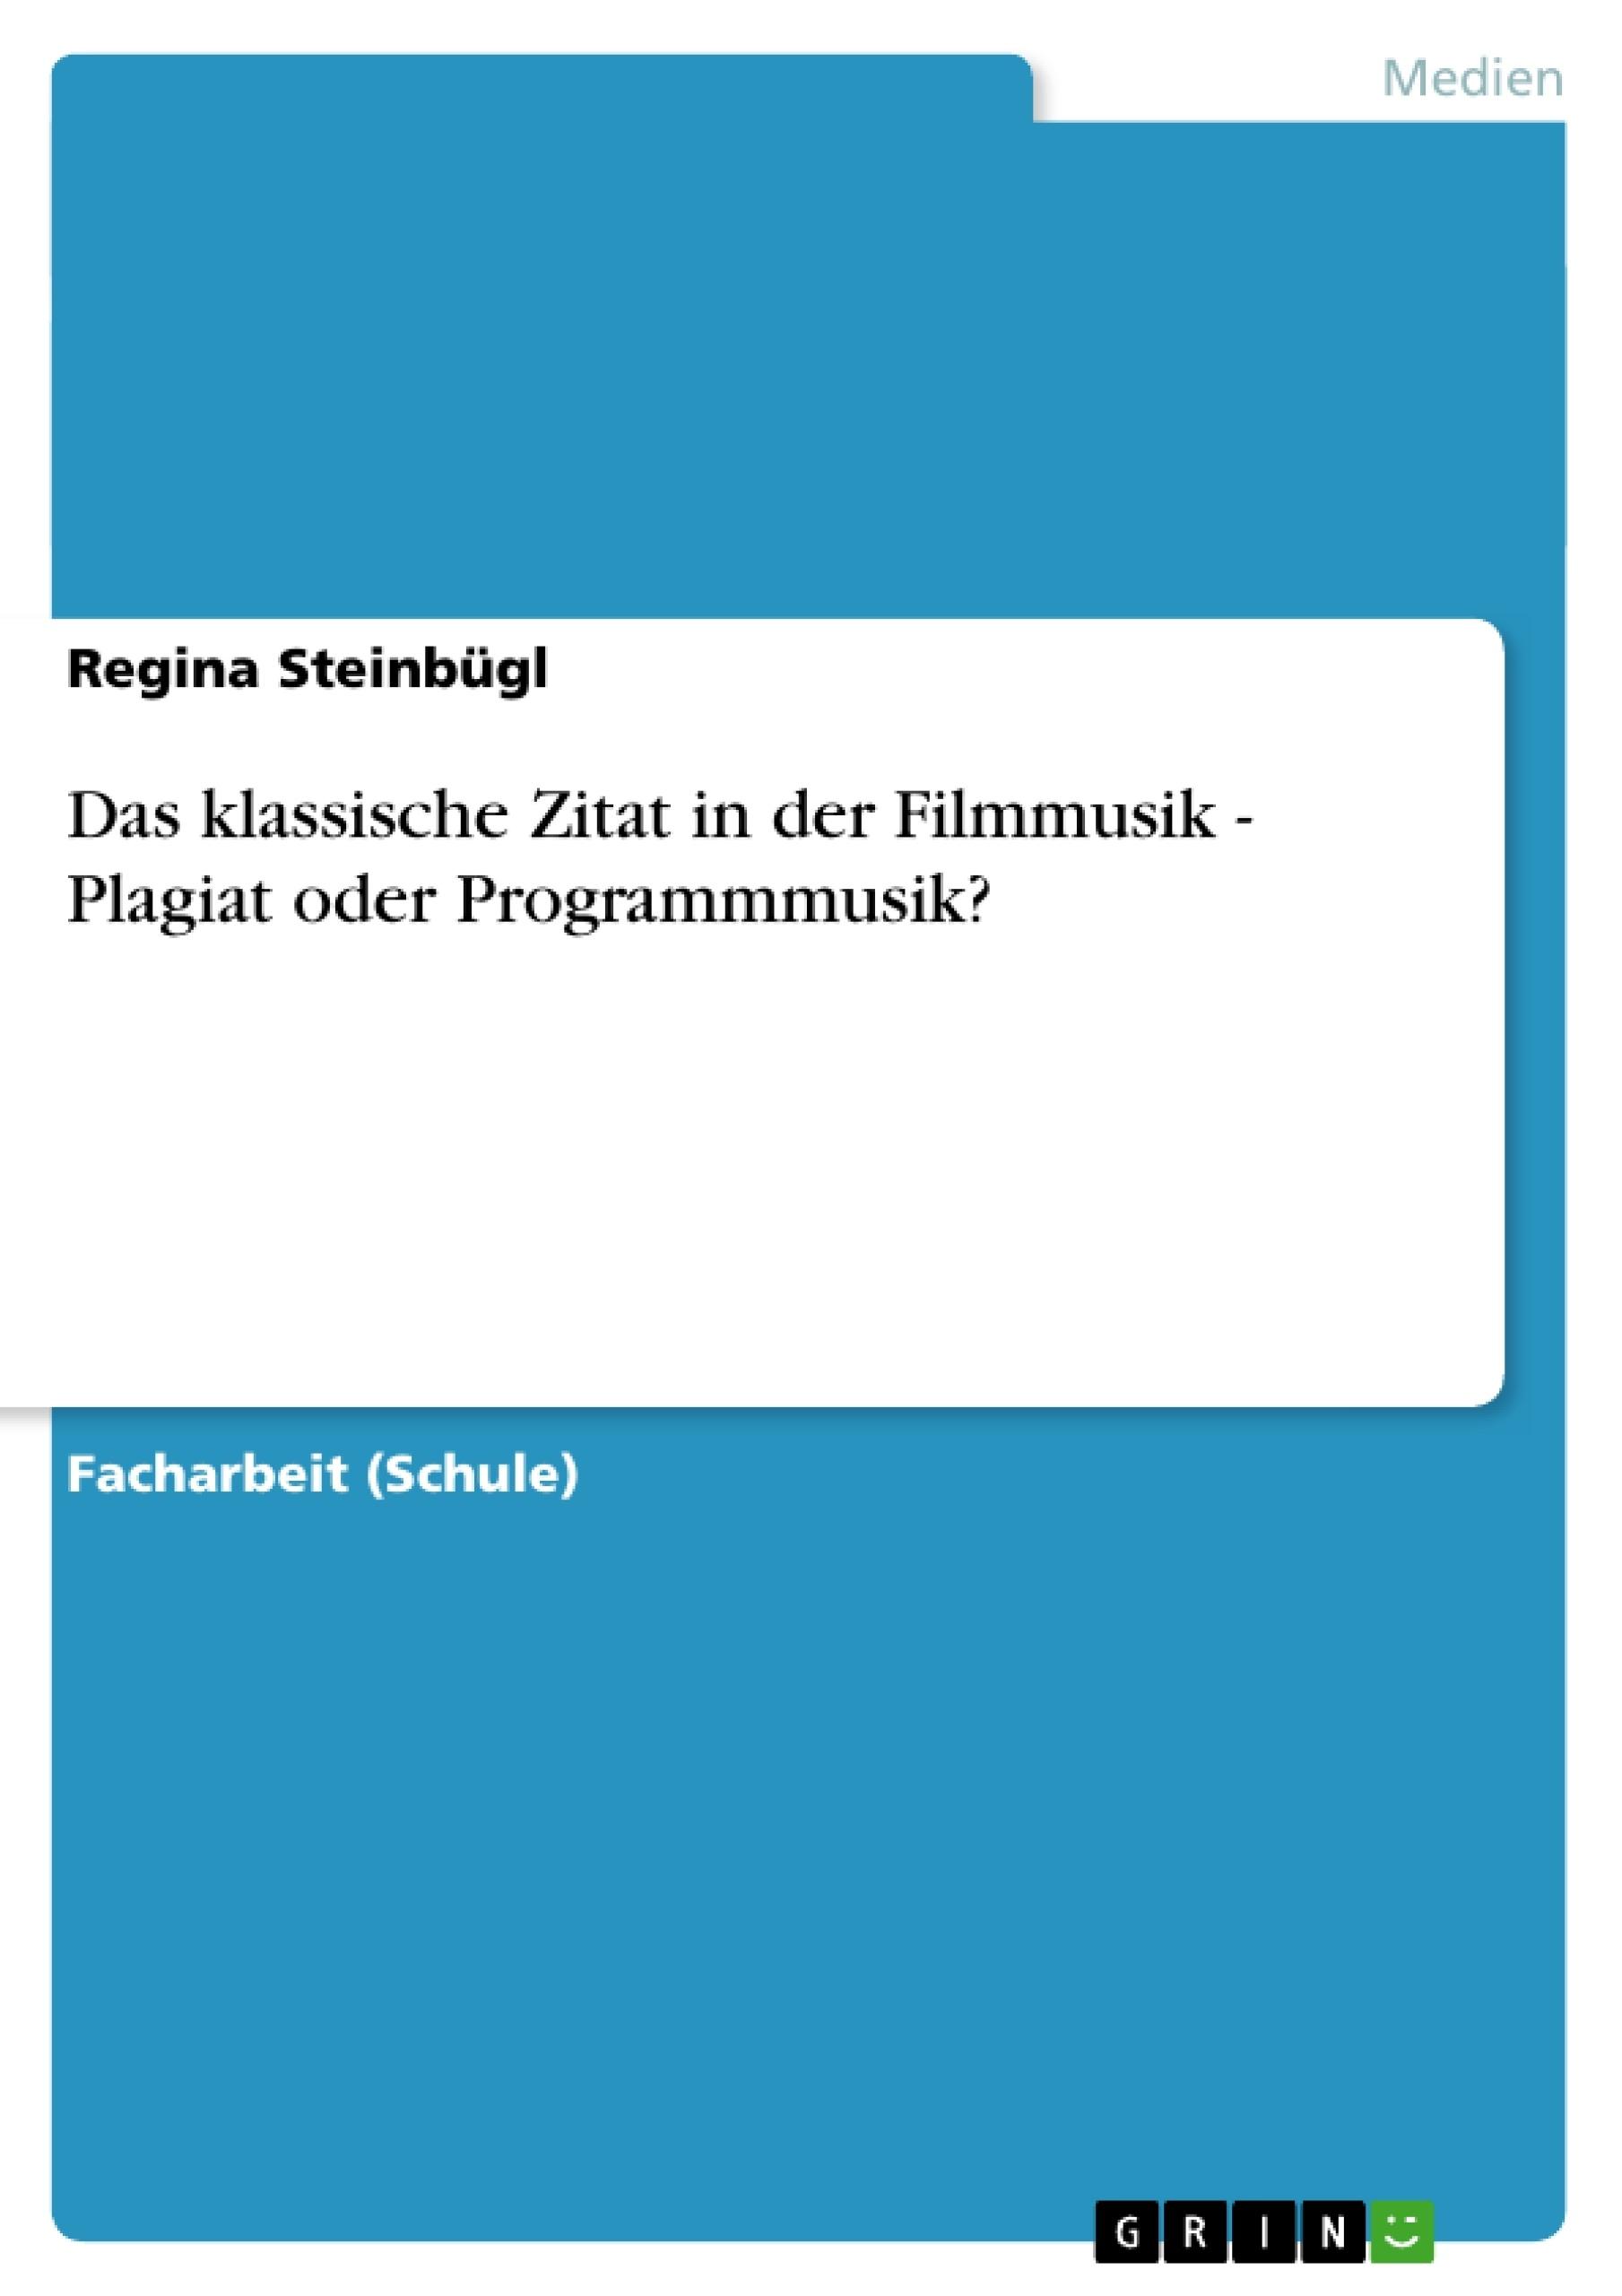 Titel: Das klassische Zitat in der Filmmusik - Plagiat oder Programmmusik?